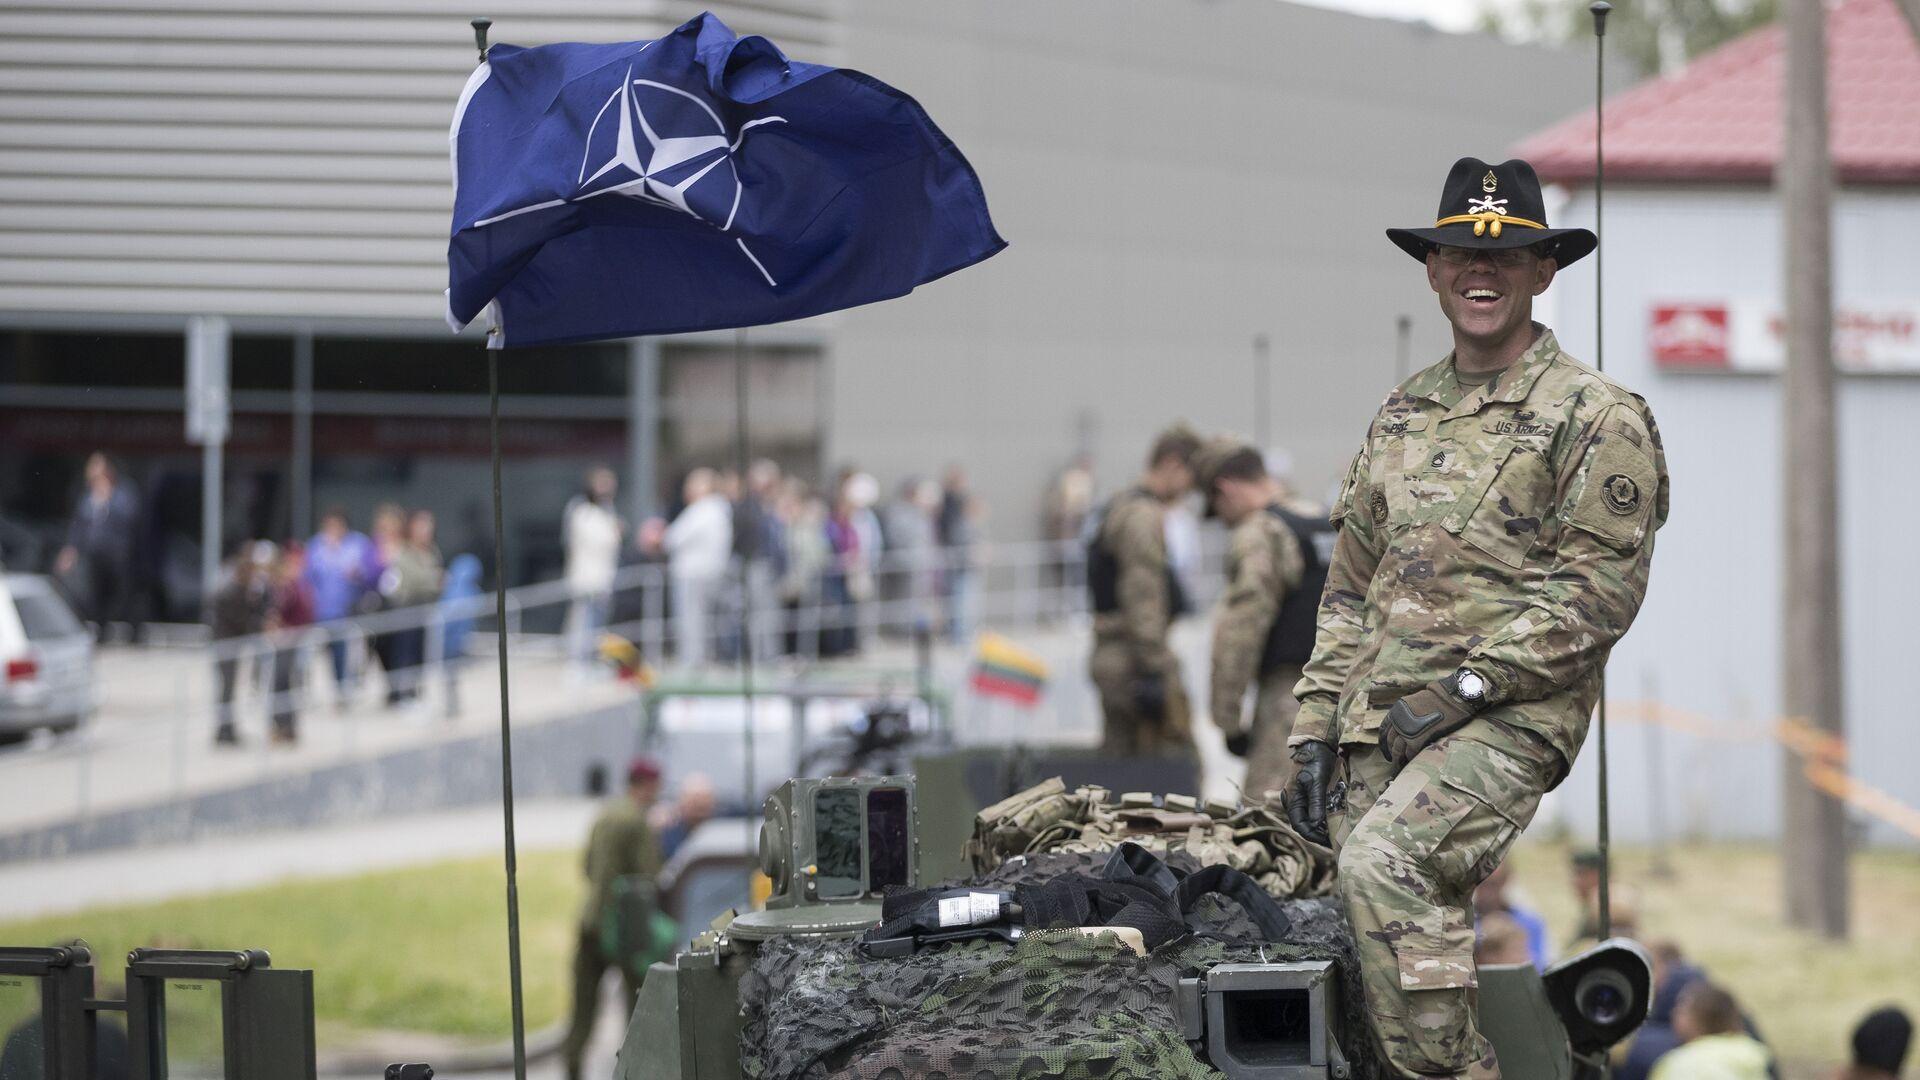 Военнослужащий армии США во время совместных учений войск НАТО в Купишкисе, Литва. 12 июня 2016 - РИА Новости, 1920, 04.09.2020